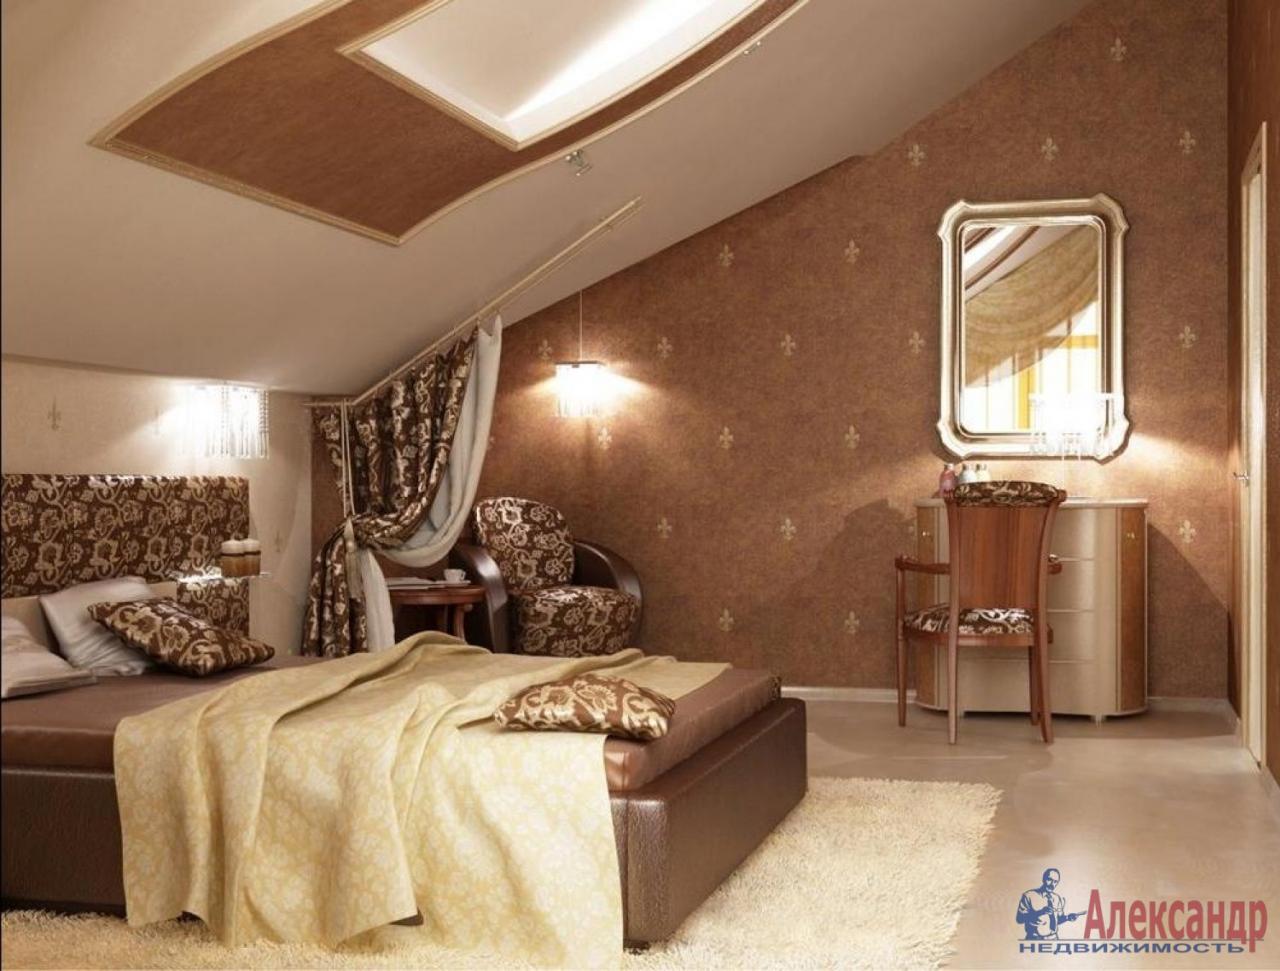 2-комнатная квартира (52м2) в аренду по адресу Обуховской Обороны пр., 195— фото 3 из 3